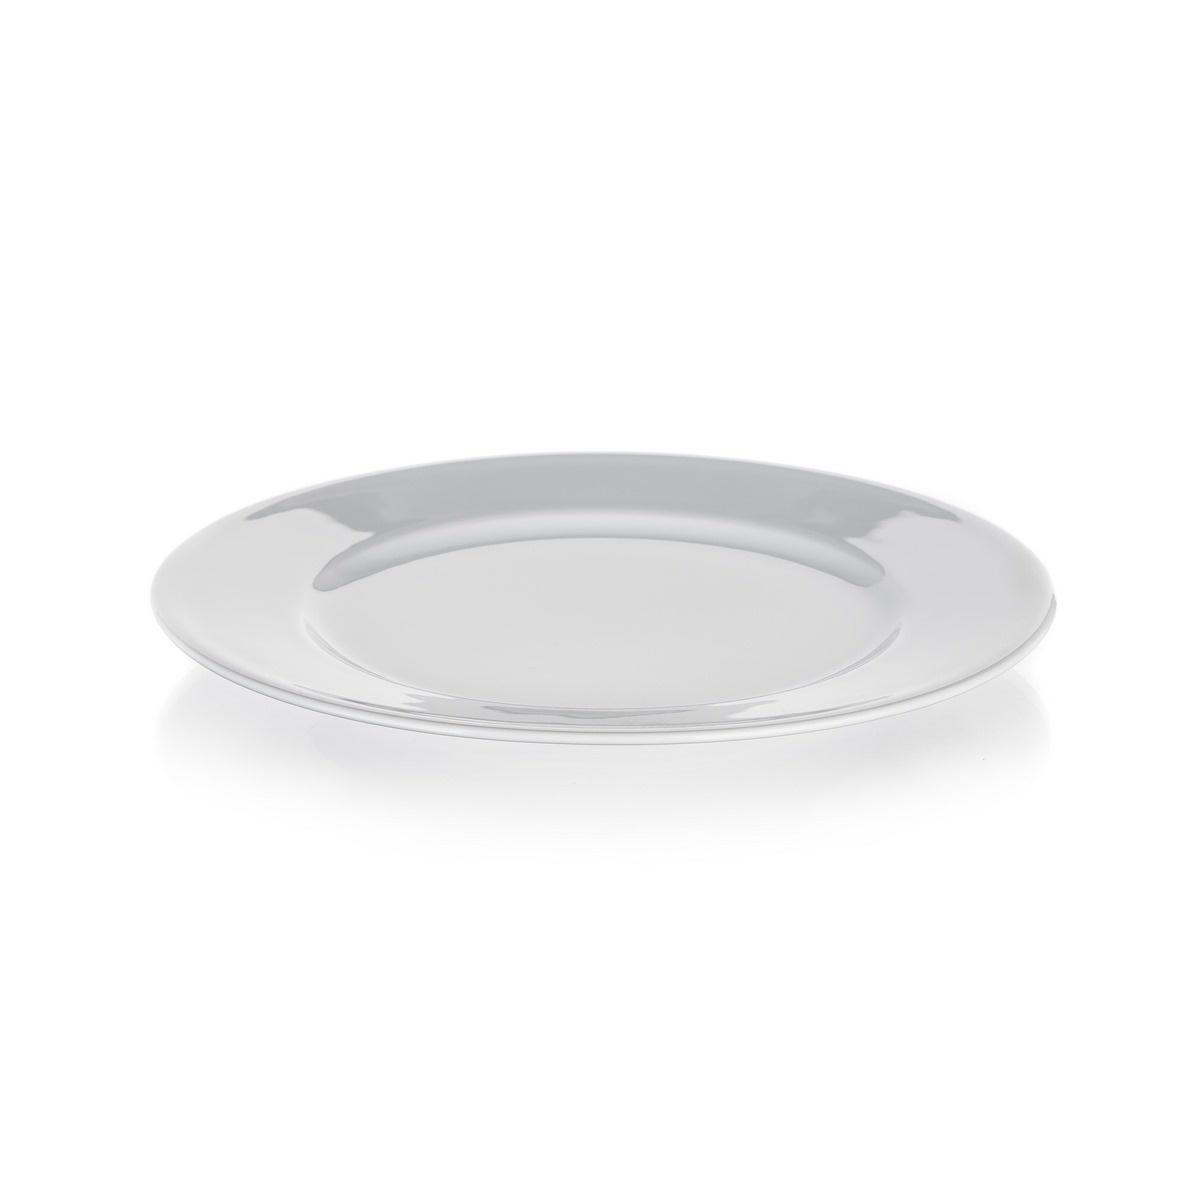 Banquet Talíř porcelánový dezertní RITA 18,5 cm, 6 ks, bílá